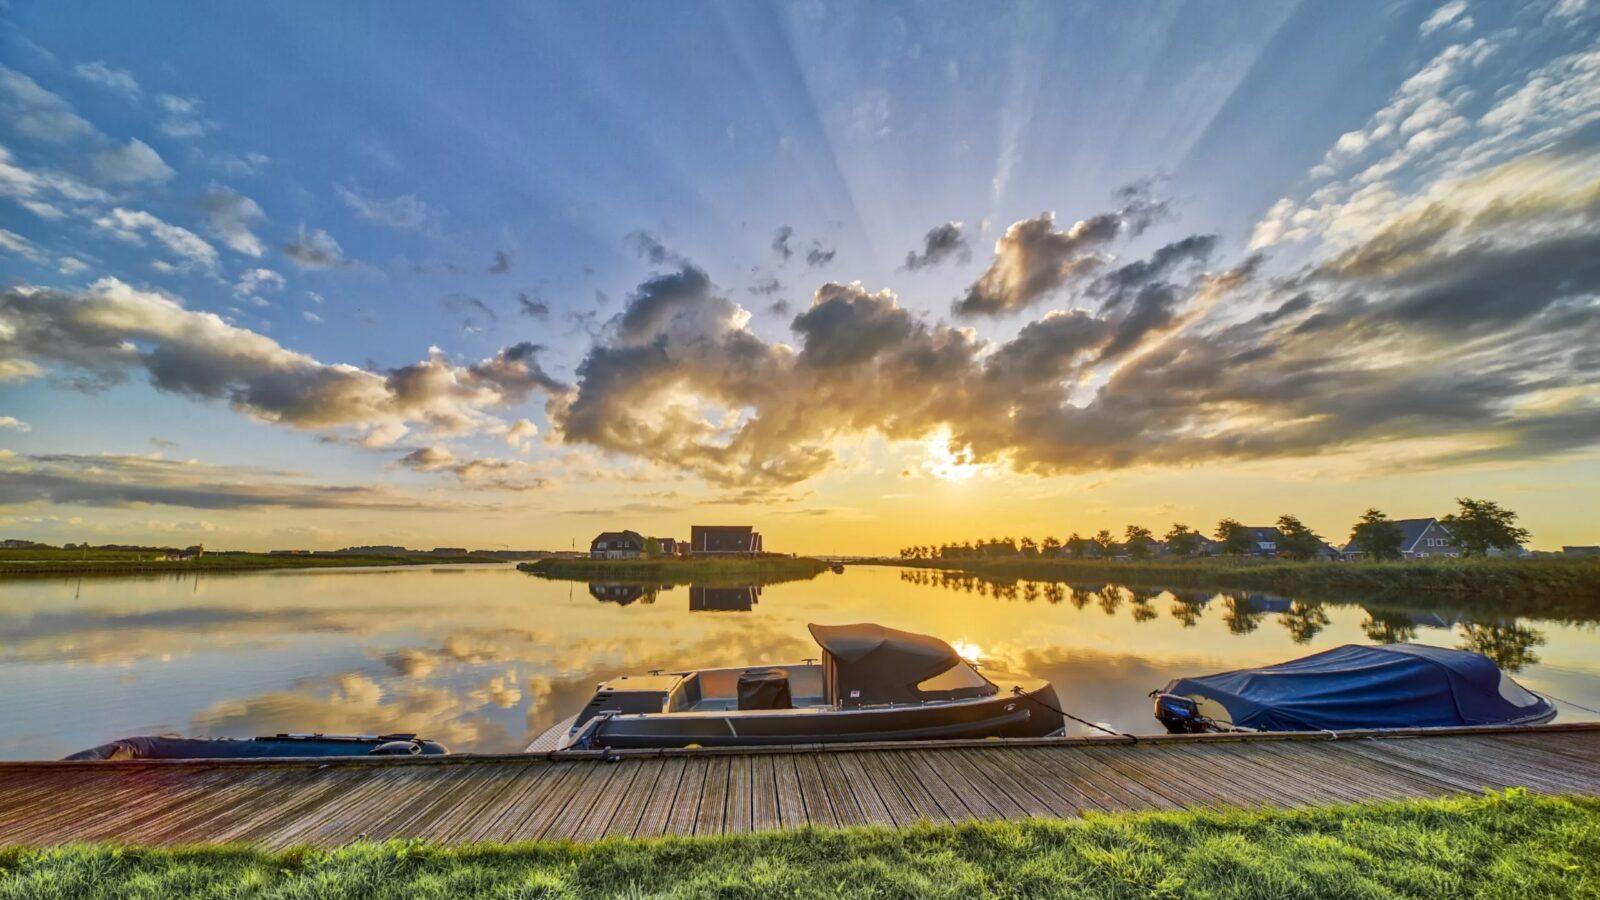 Vaarseizoen Meerstad 2021 start donderdag 1 april